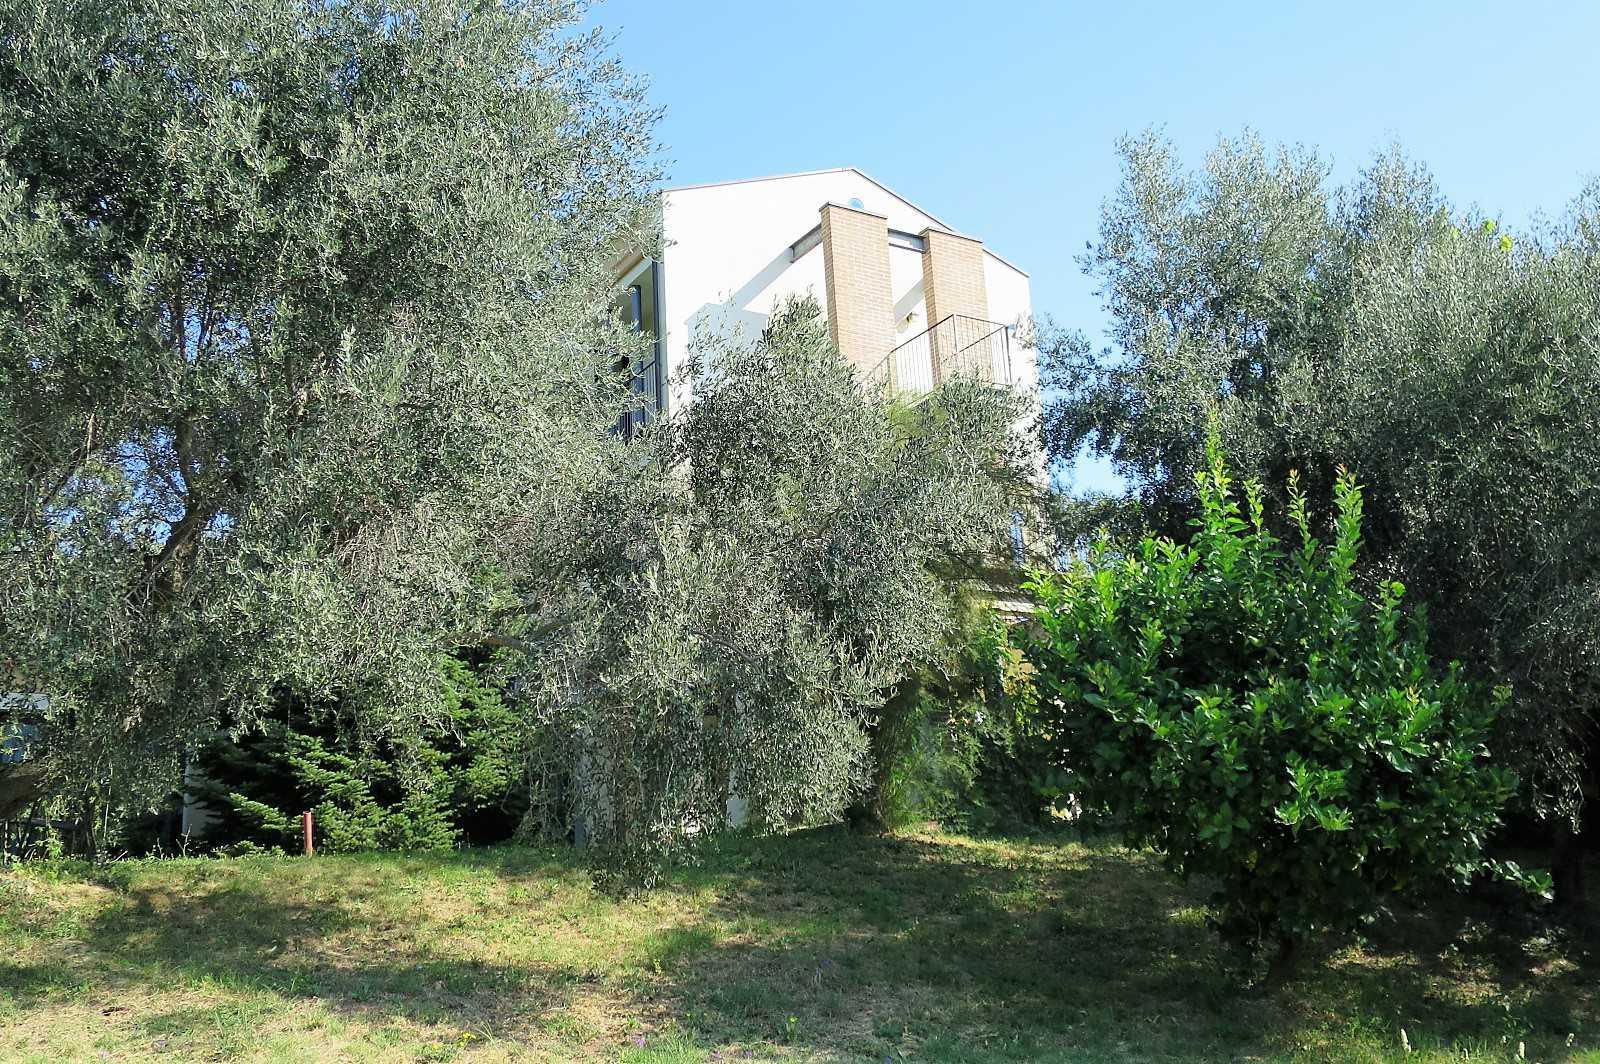 Villa Villa for sale Atri (TE), Villa Paola - Atri - EUR 462.107 310